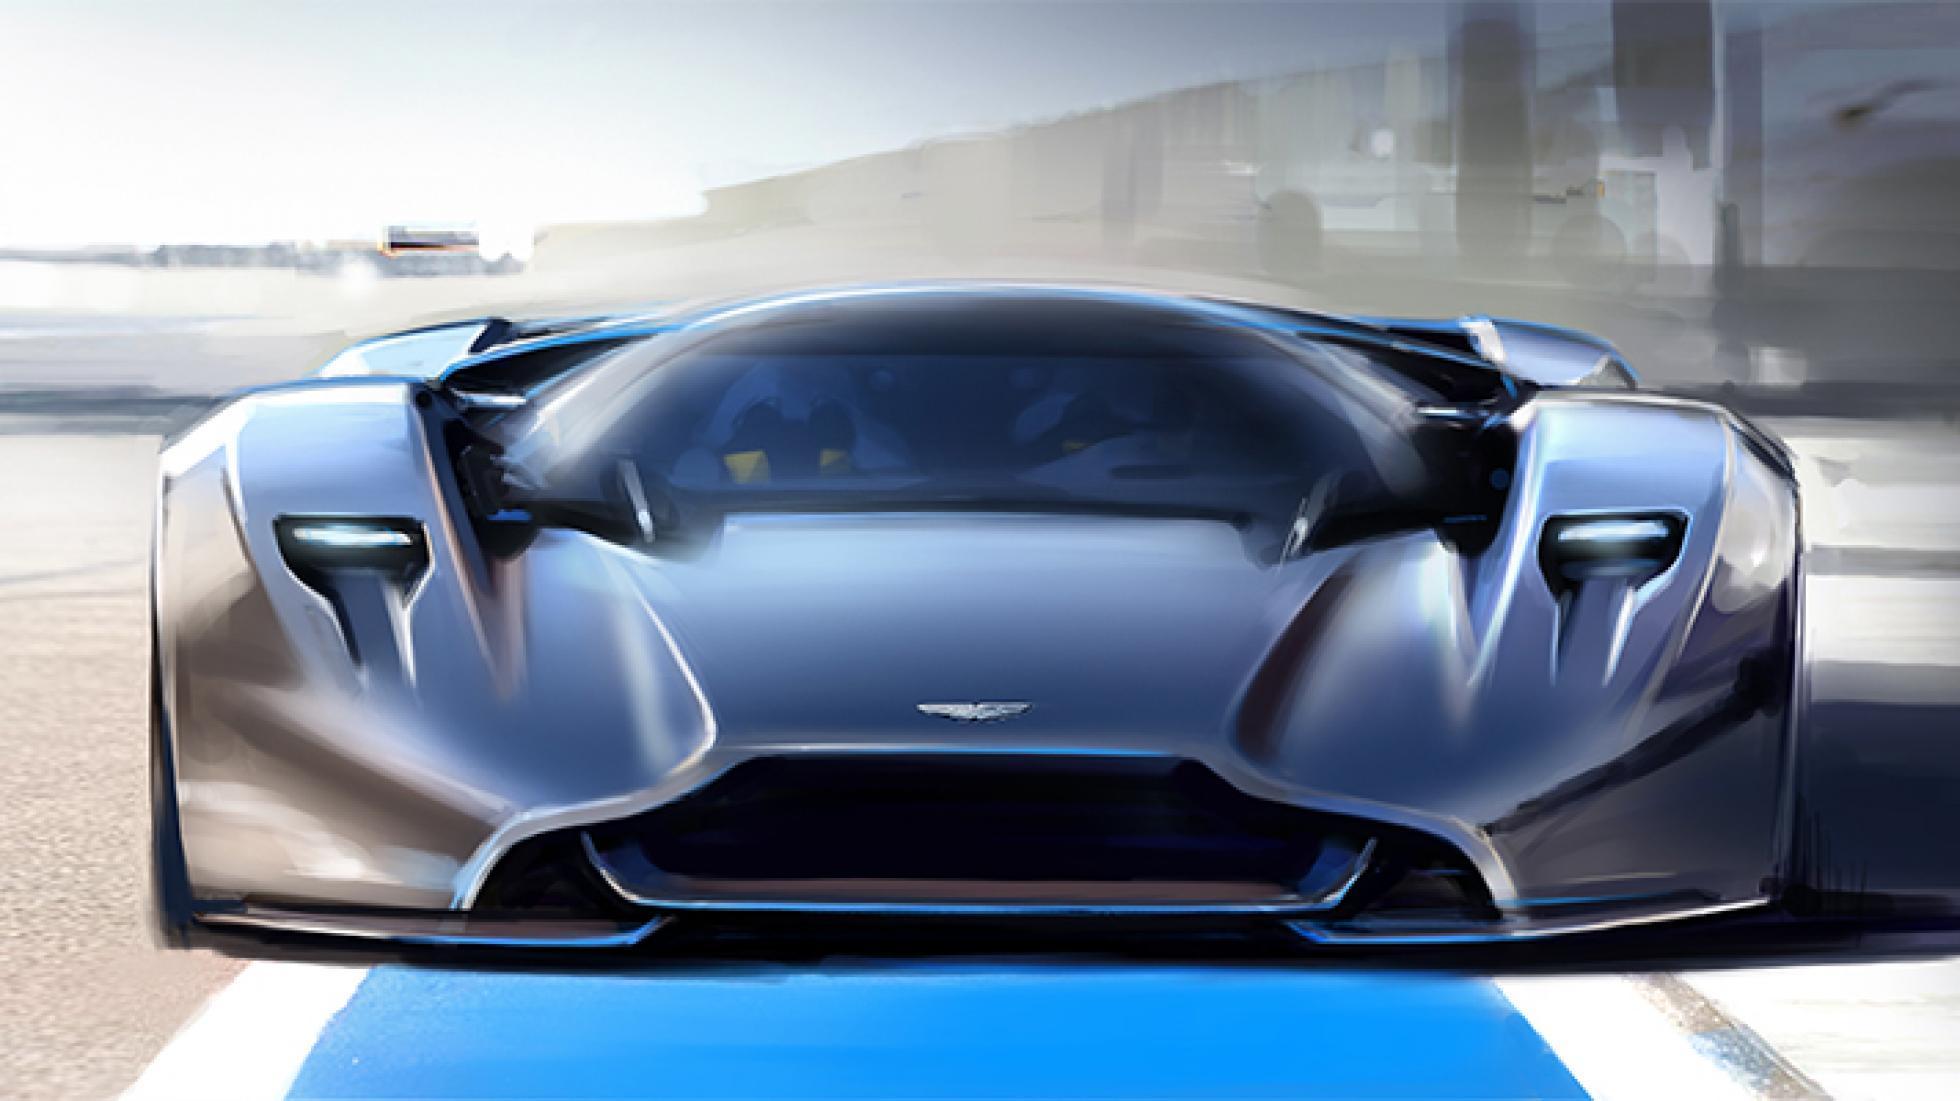 Aston Martin Redbull Hypercar